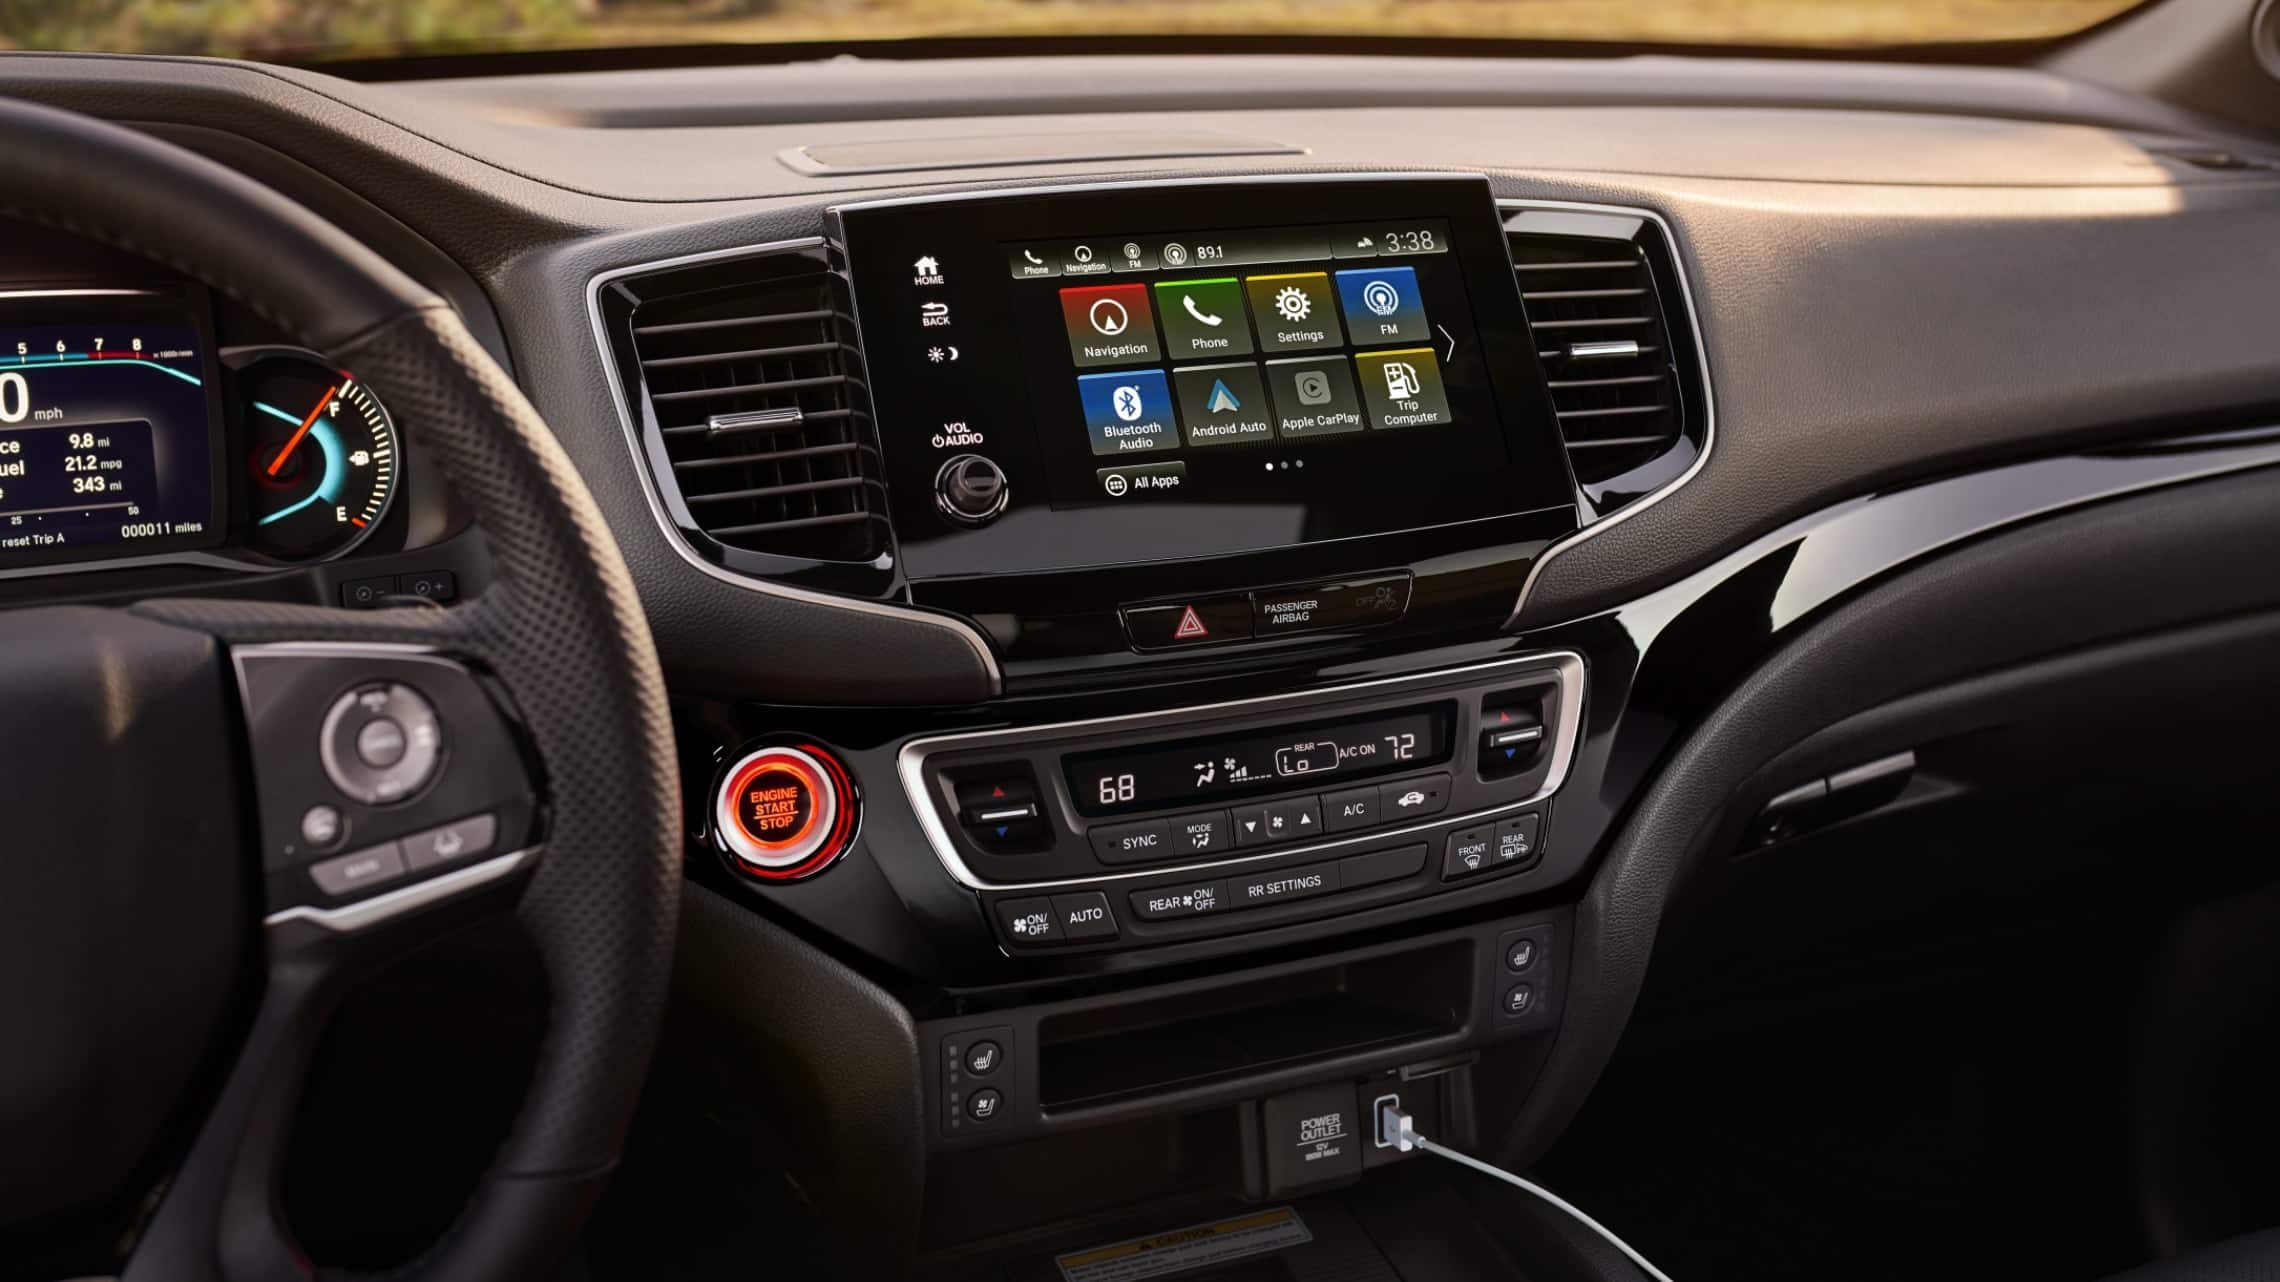 Sistema de audio en pantalla táctil en la Honda Passport Elite2020. Reproduce una animación.